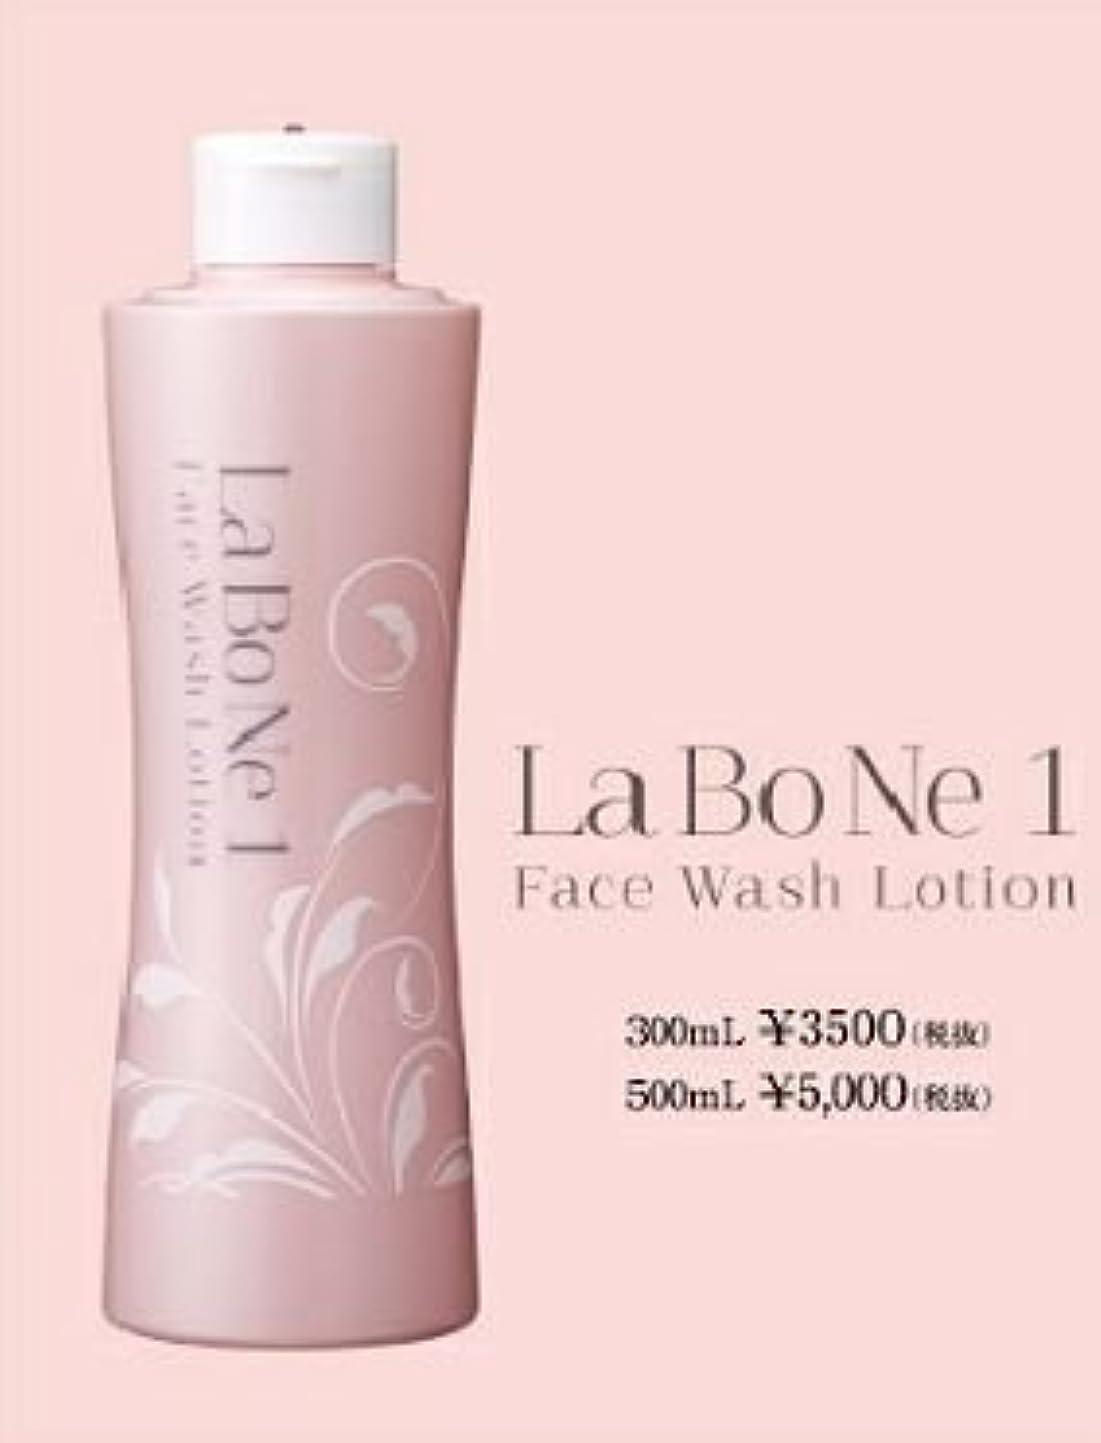 ゴミ箱を空にする領域乱す「LaBoNe1」ラボネ1 (300ml) 塗るから洗うへ。新発想の美容液 化粧水 クリーム コスメ メンズコスメ スキンケア 毛穴 エステ 業務用